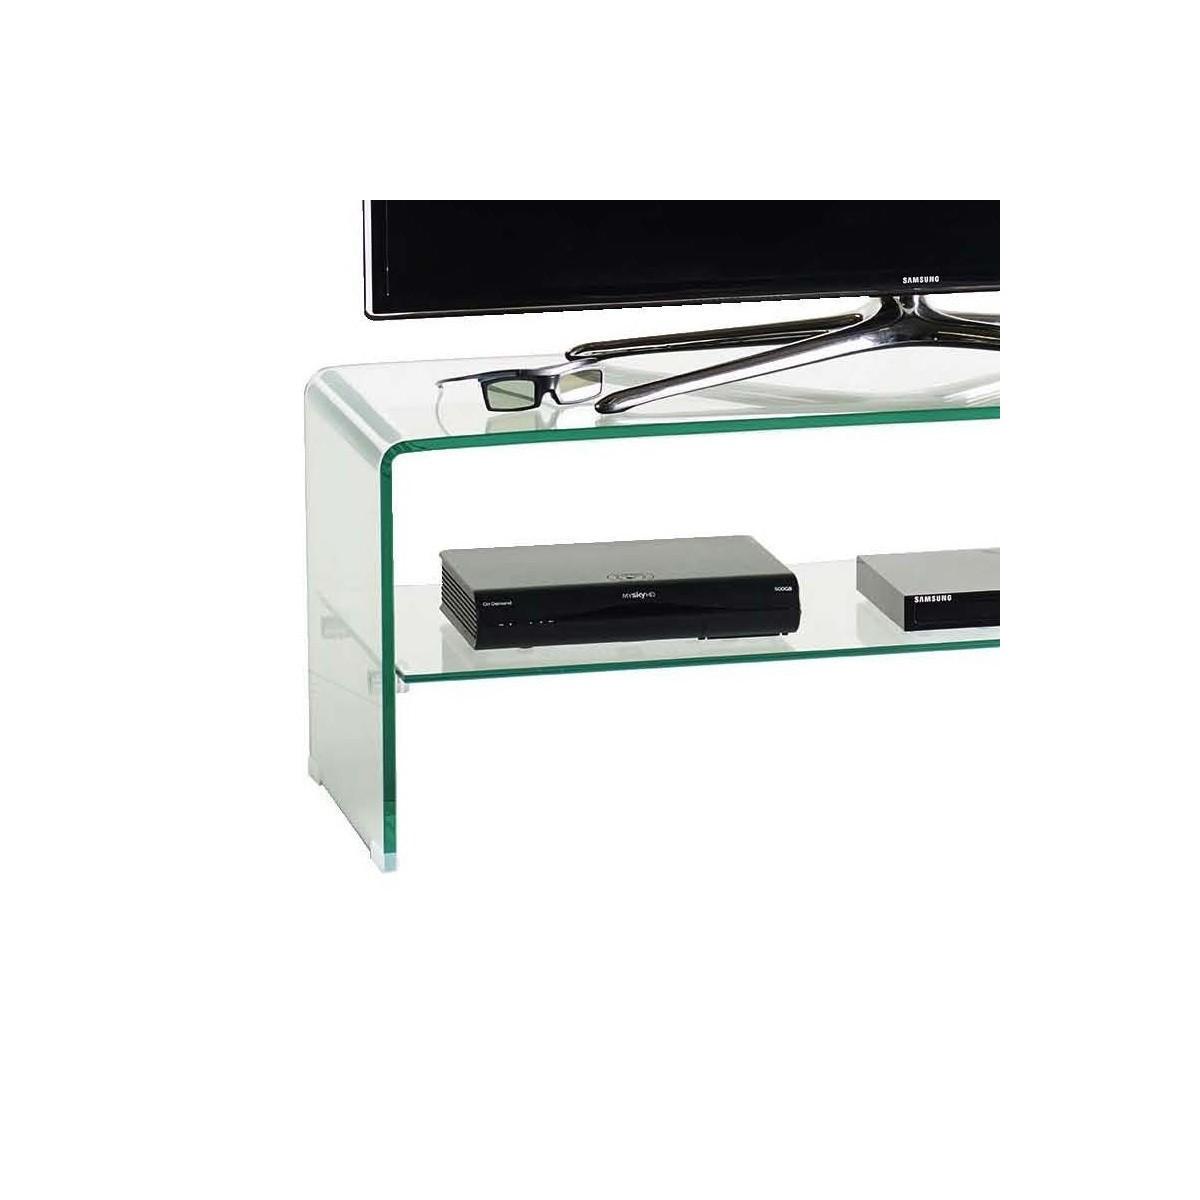 Porta Tv Cristallo Design.Mobile Porta Tv In Vetro Cristallo Curvato Design Fancy